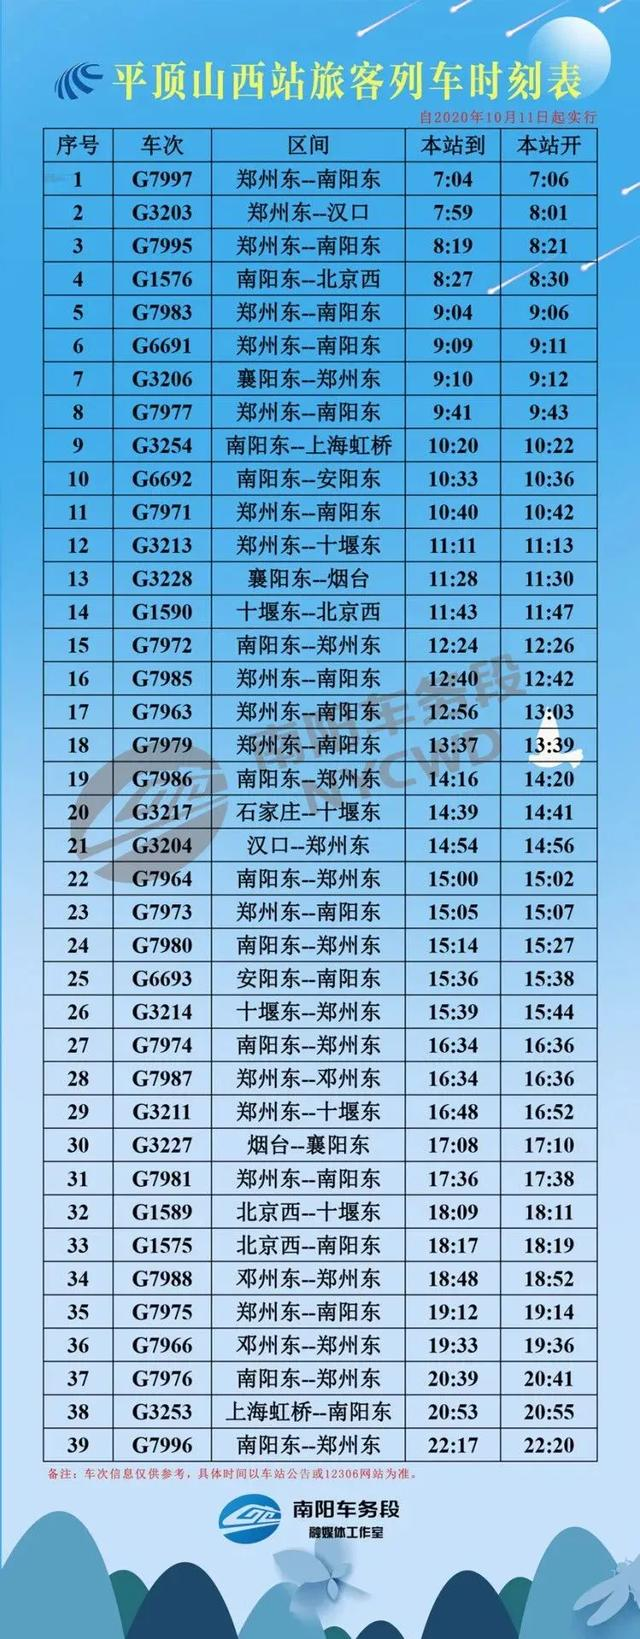 10月11日调图,平顶山西站高铁时刻表抢先看_平顶山生活网插图1